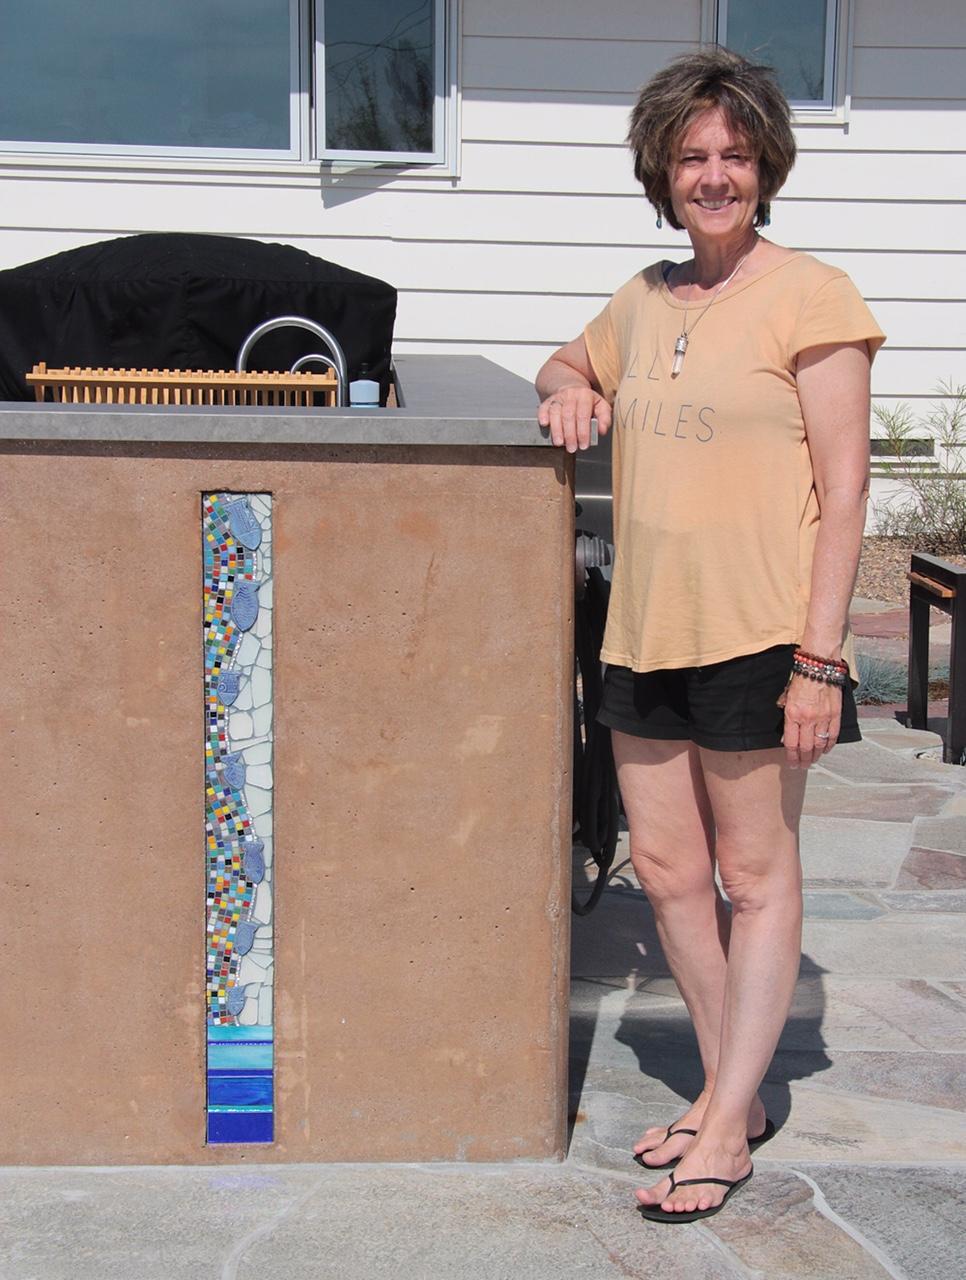 07-17-17 Diane house mosaics 001.jpg